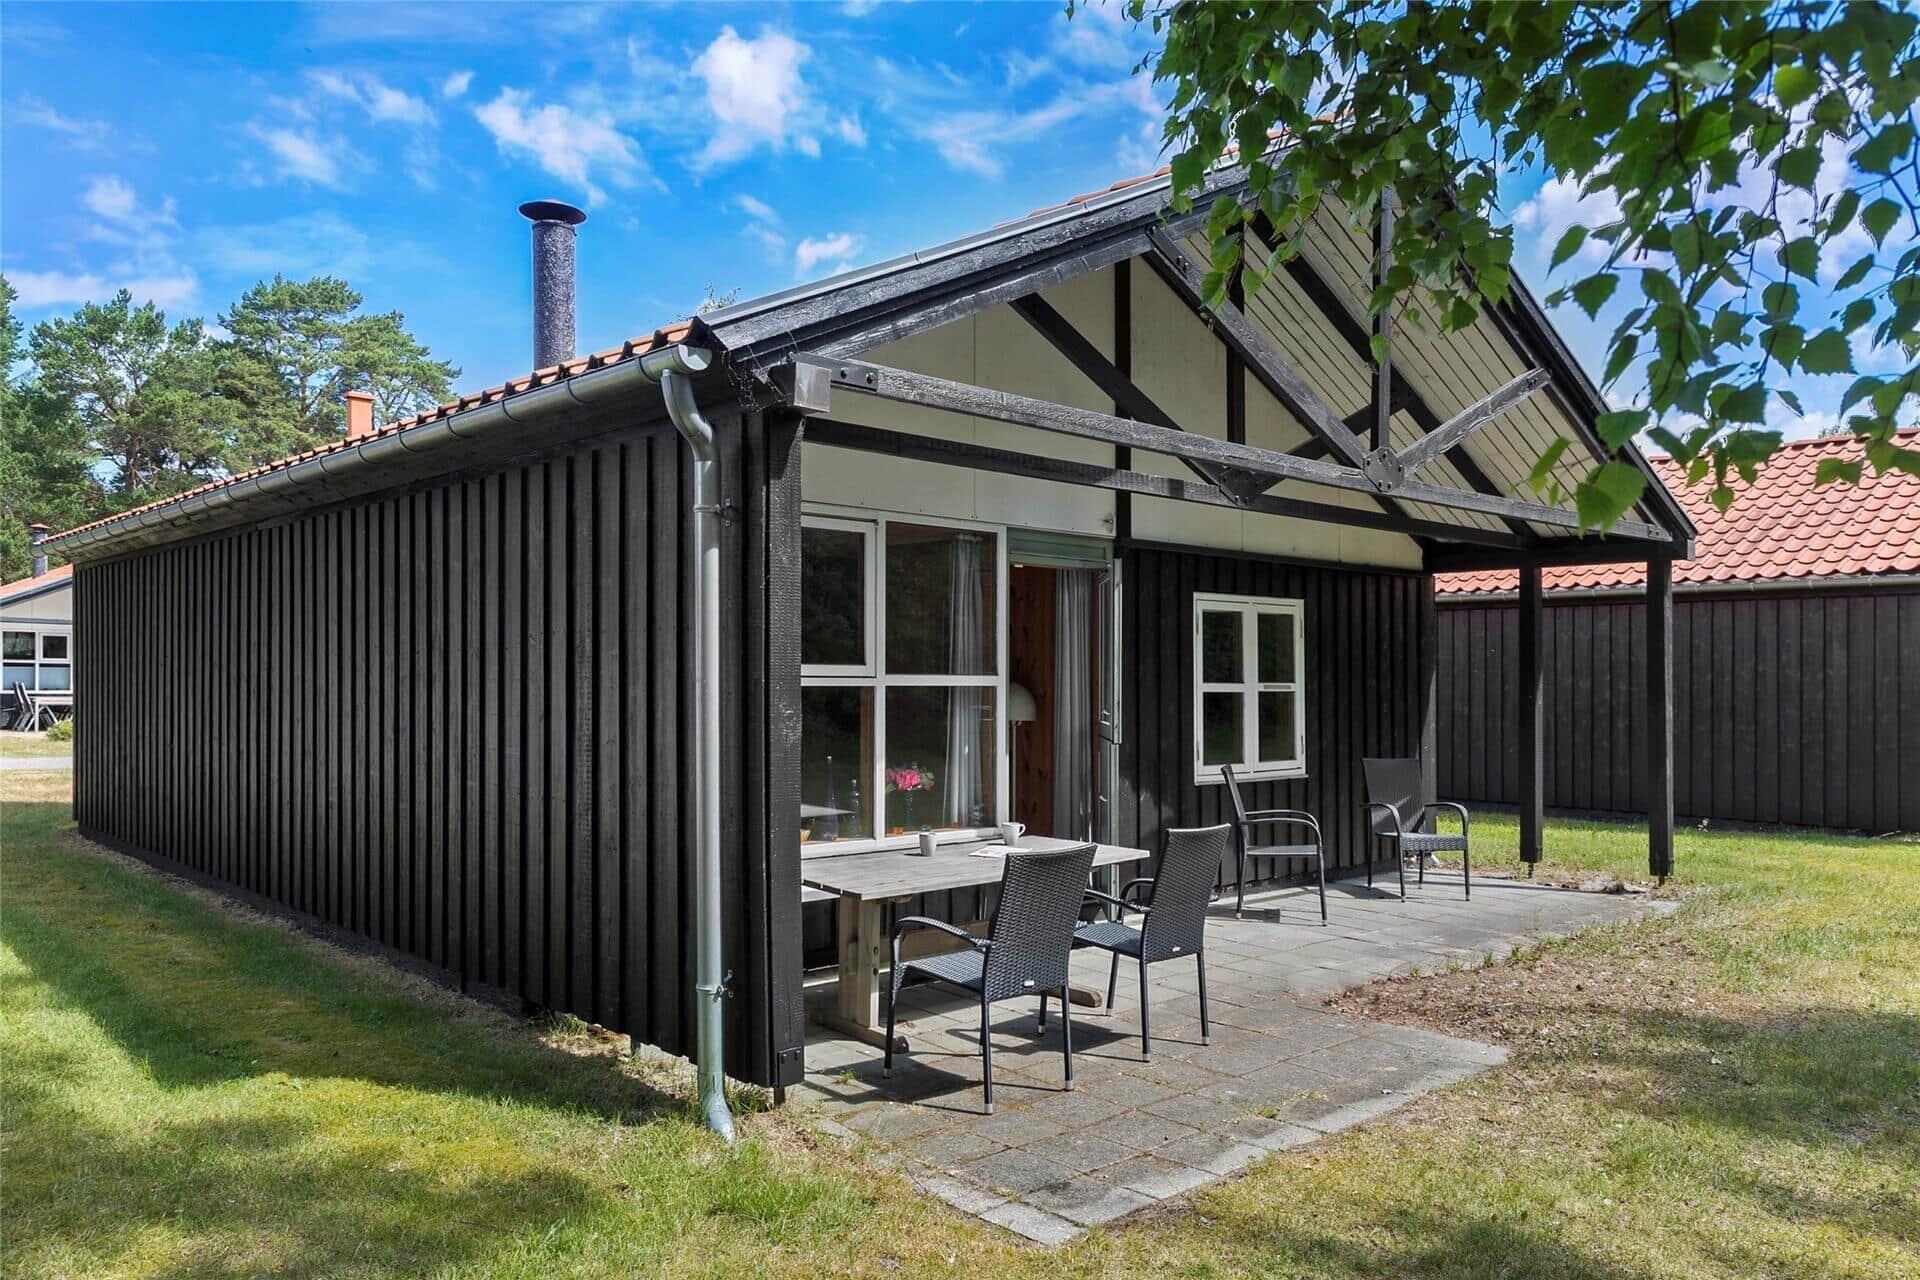 Billede 1-174 Sommerhus M15022, Bøtølundvej 187, DK - 4873 Væggerløse